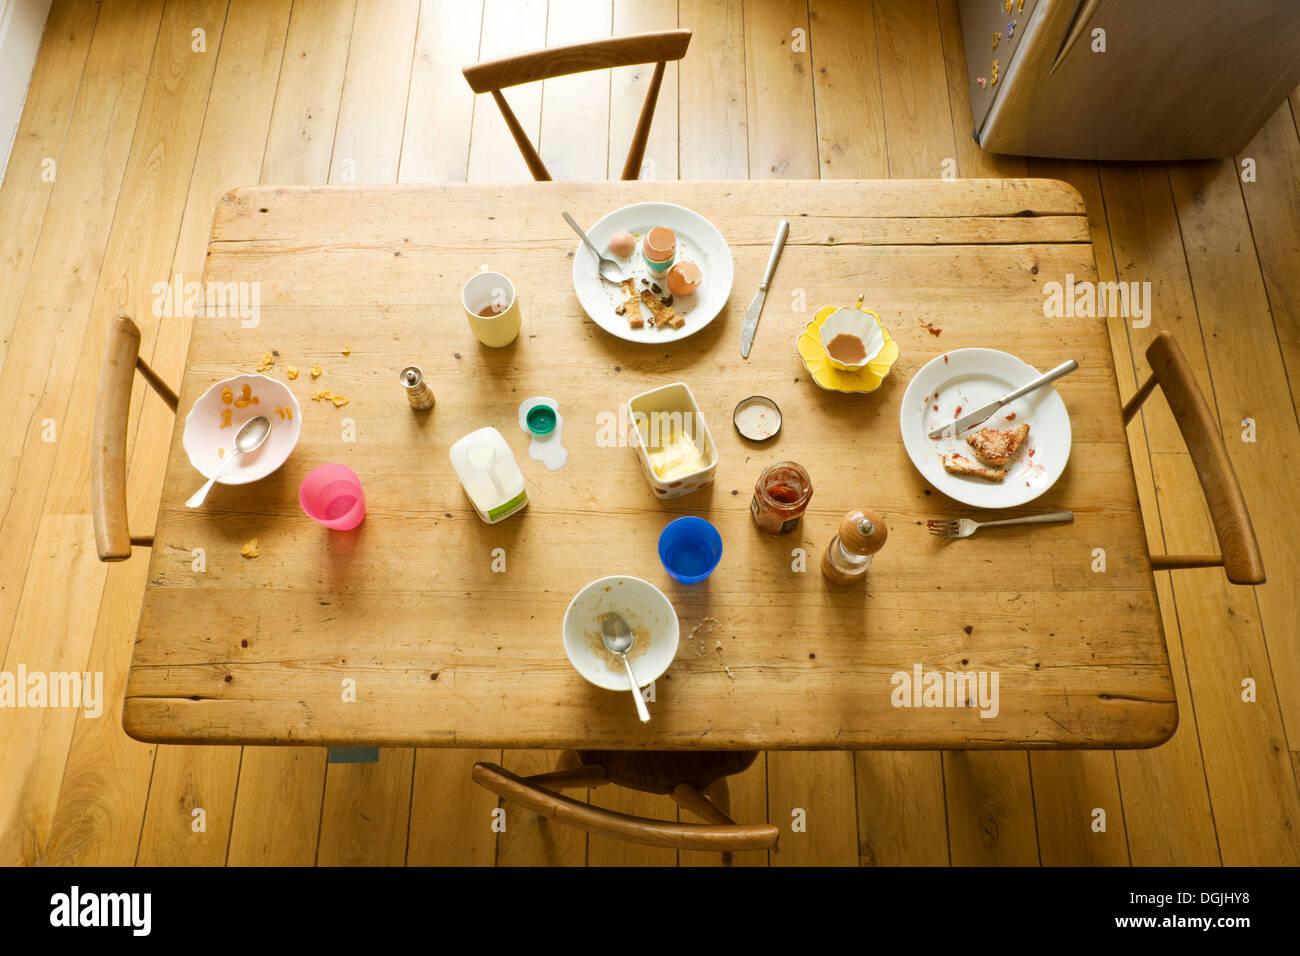 Vista aerea del tavolo per la colazione con mangiato cibi e piatti sporchi Immagini Stock